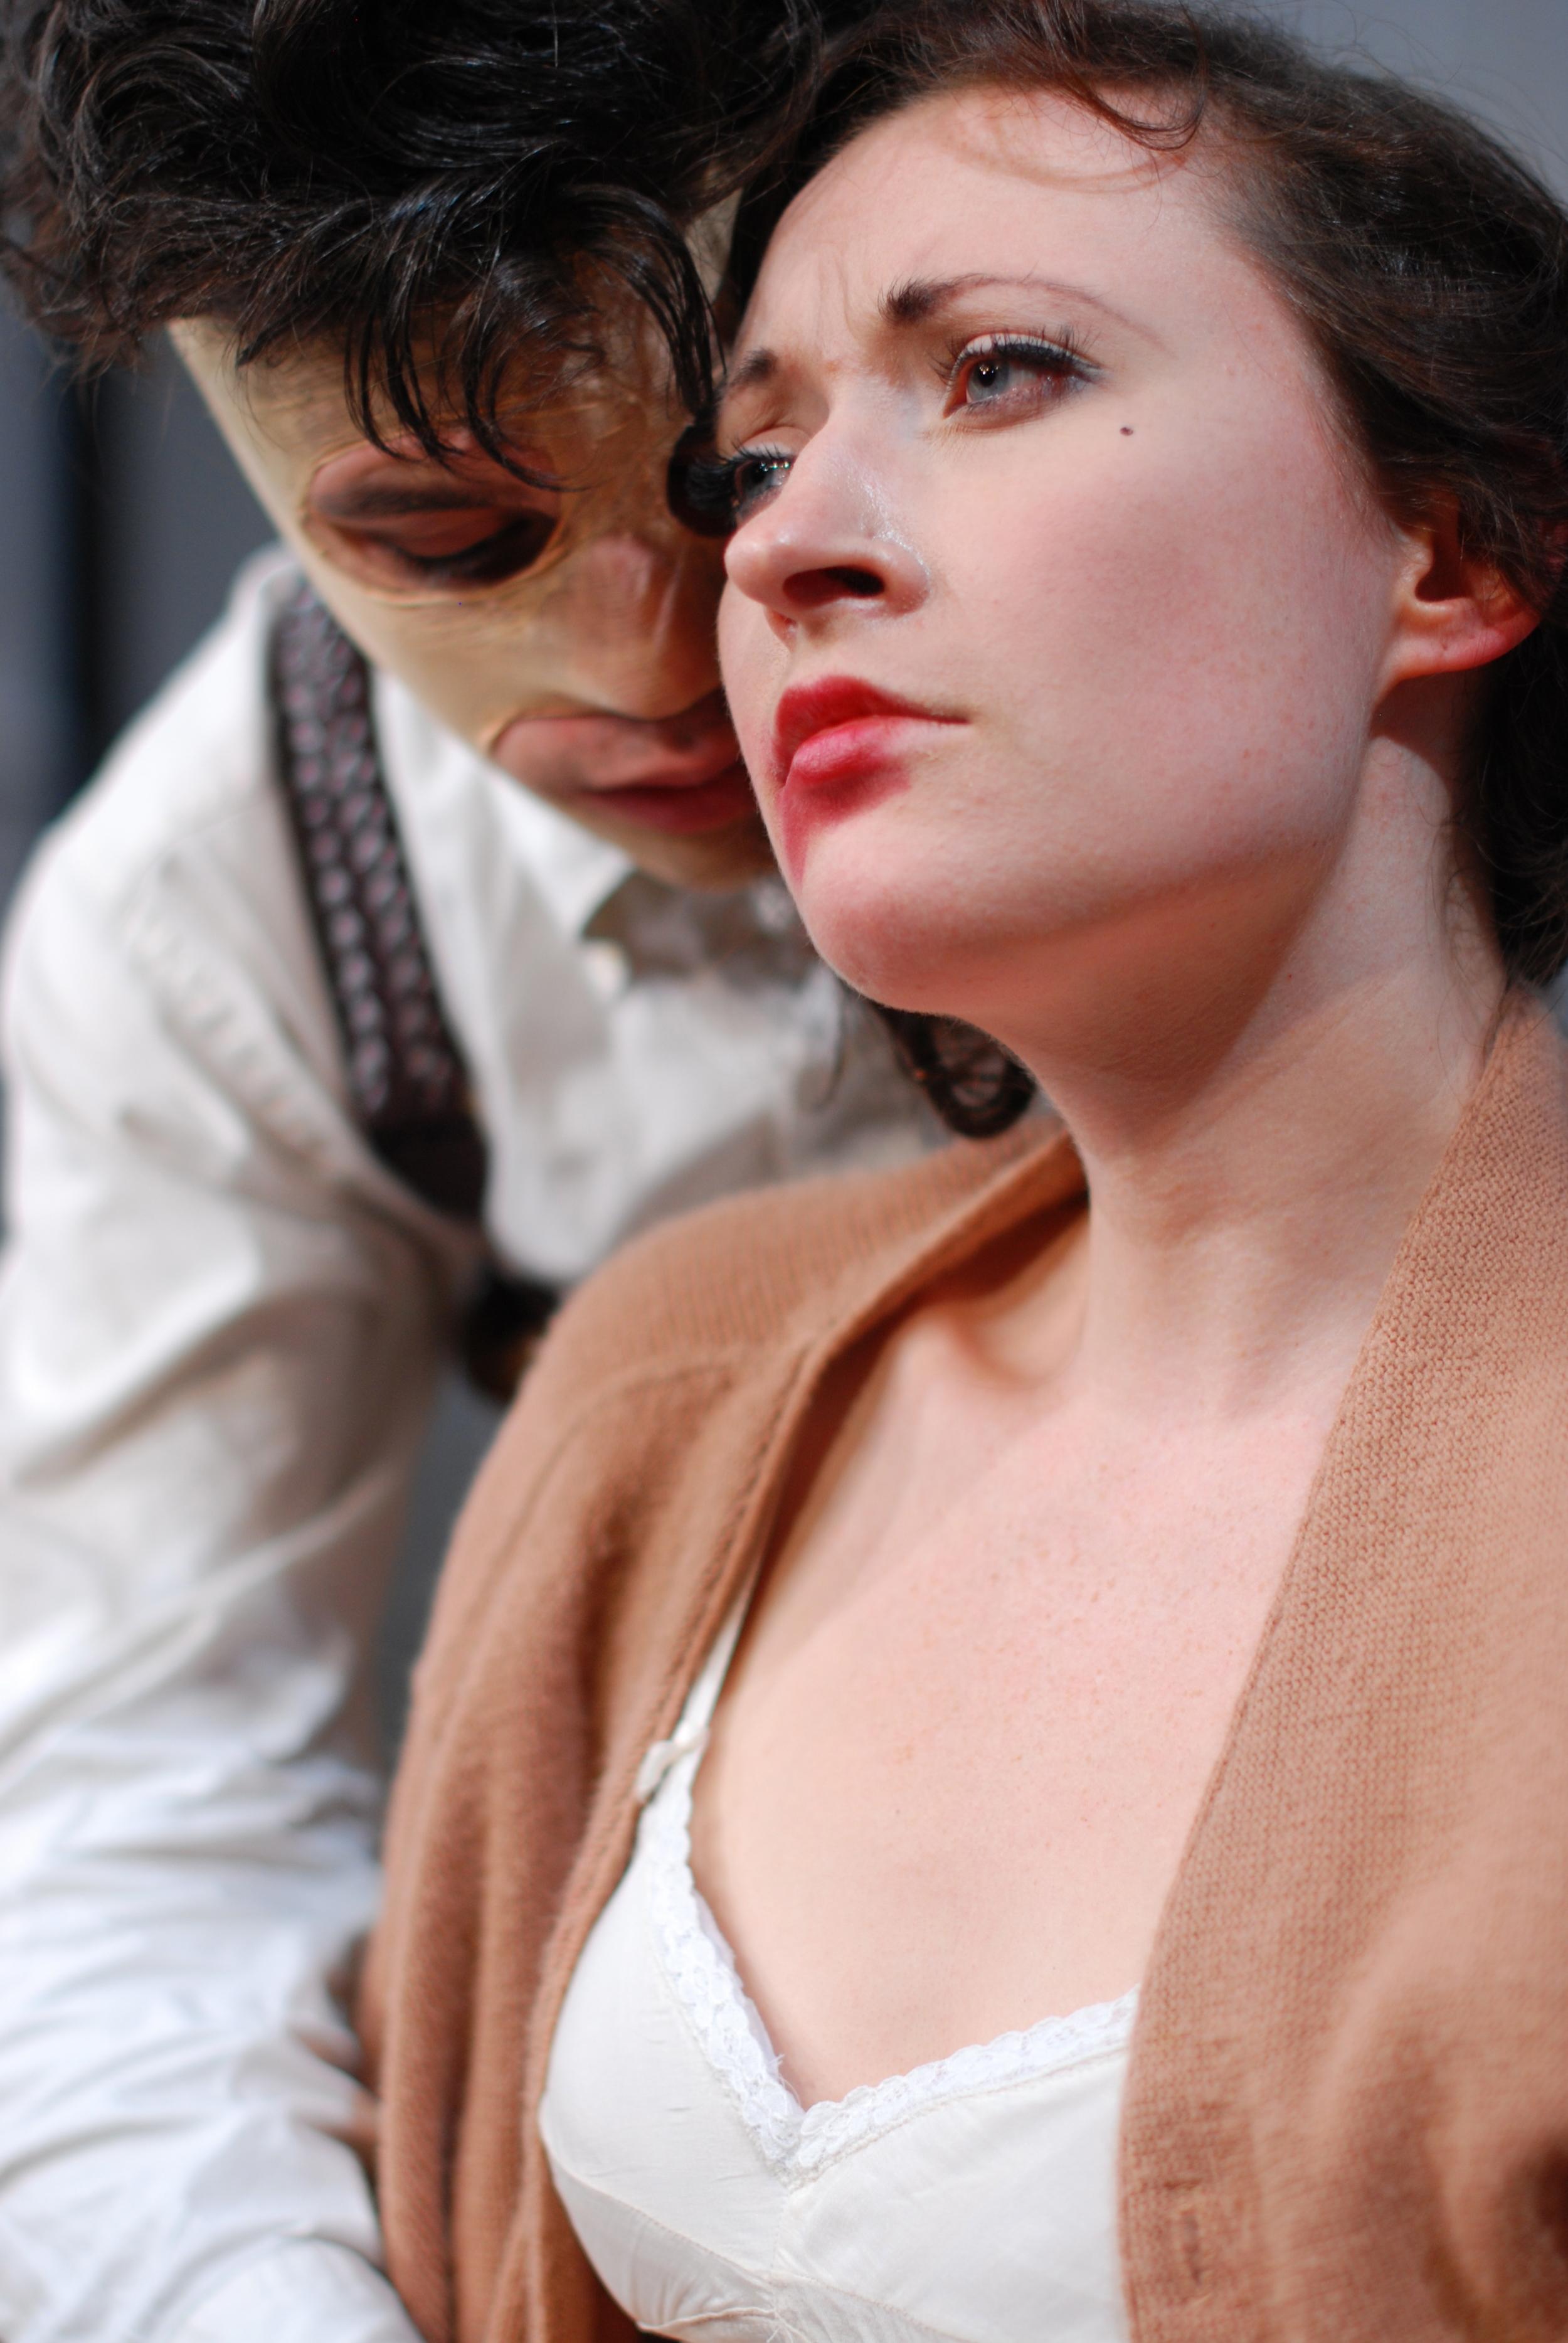 Jacob Loeb as Roelle, Megan Rippey as Olga